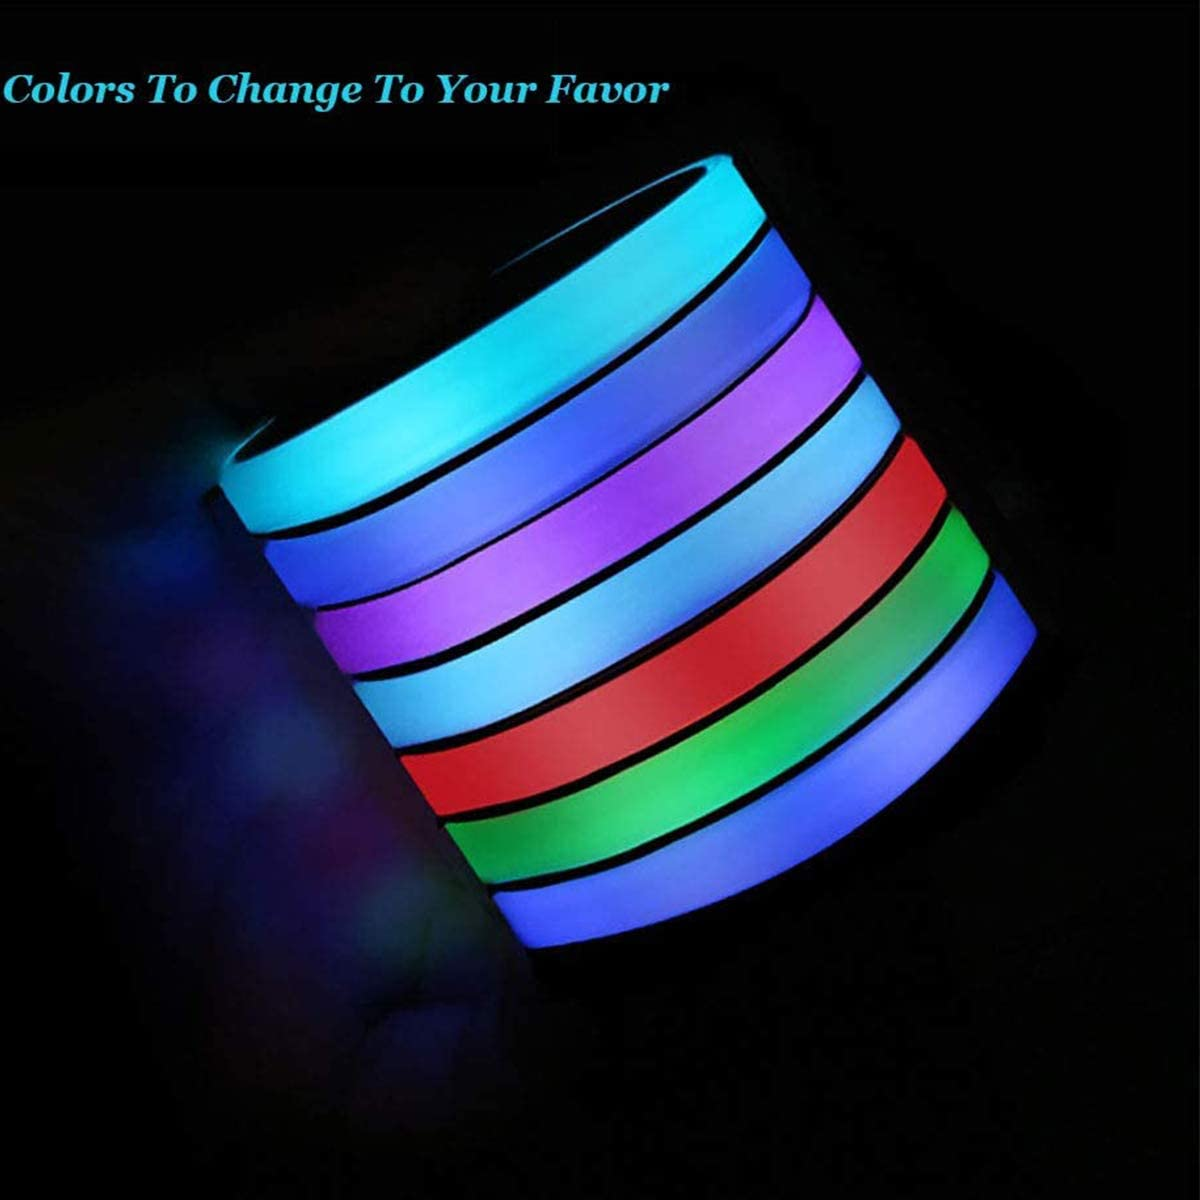 topfit Tesla Model 3 Model S Model X LED Portabicchieri per auto Luce USB ricaricabile Pad per tazza luminescente 7 colori Lampada per atmosfera Lampada per decorazione dinterni 2 pezzi un set